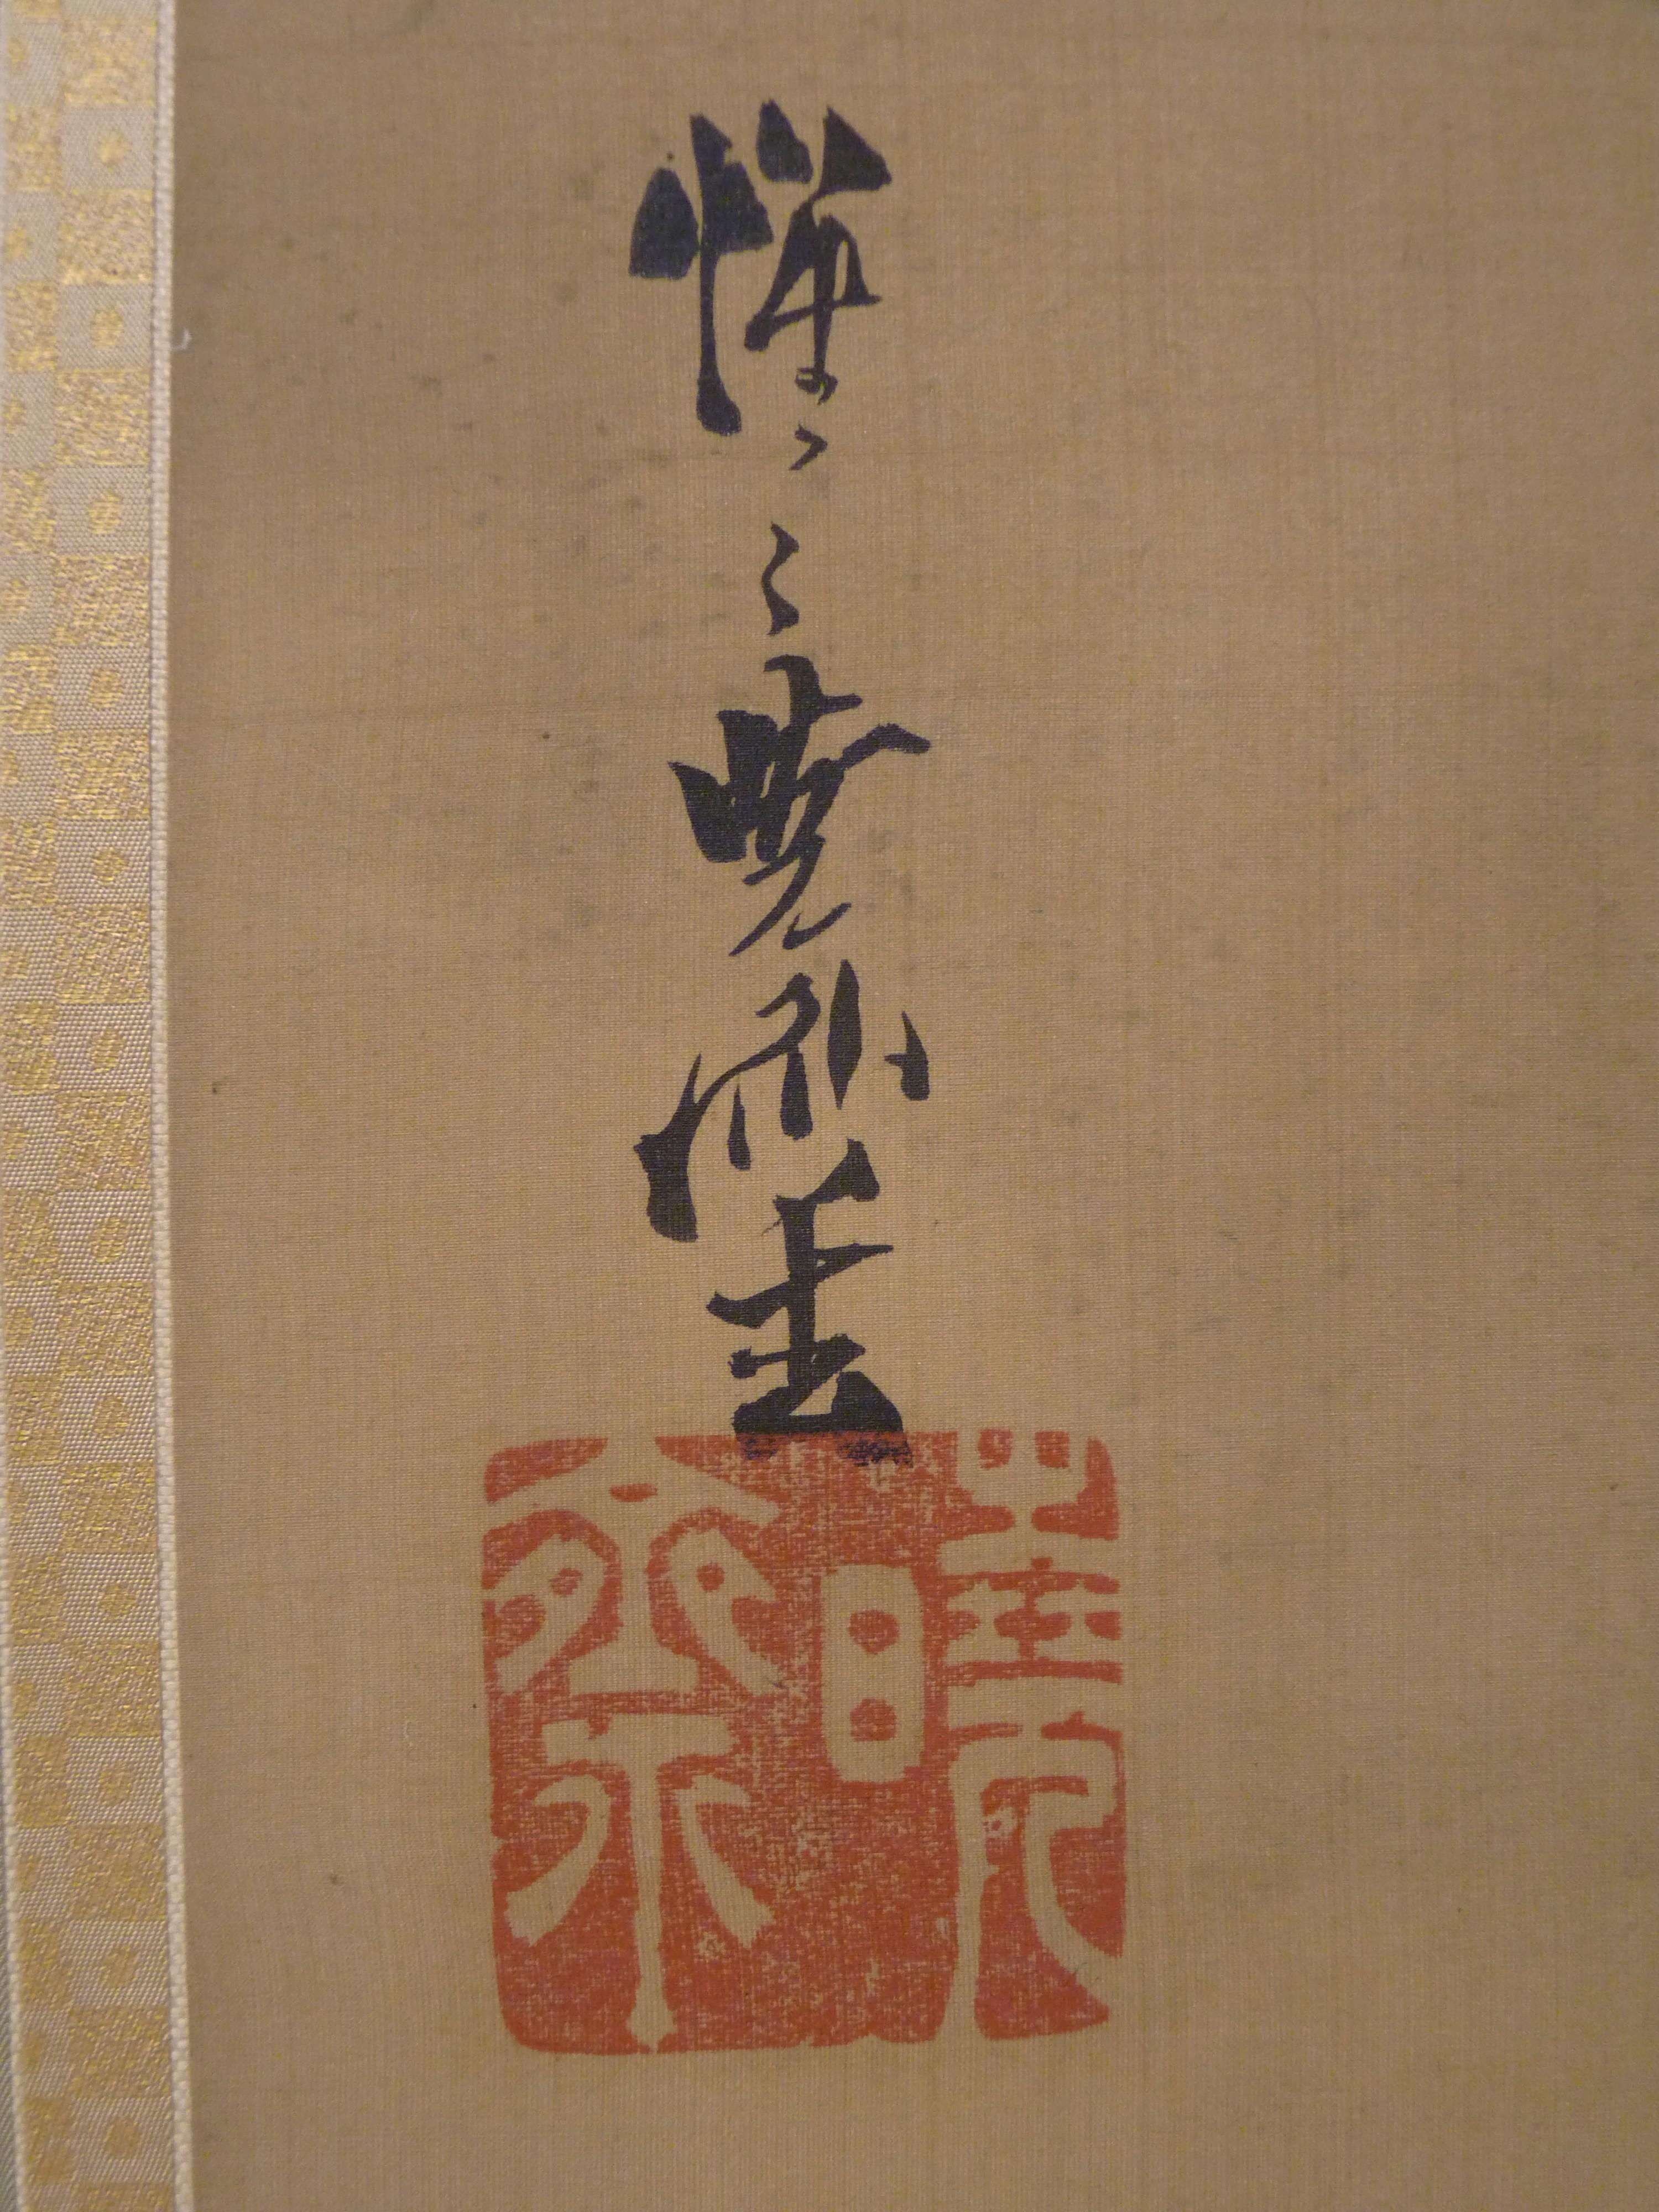 English object has role: ukiyo-e artist